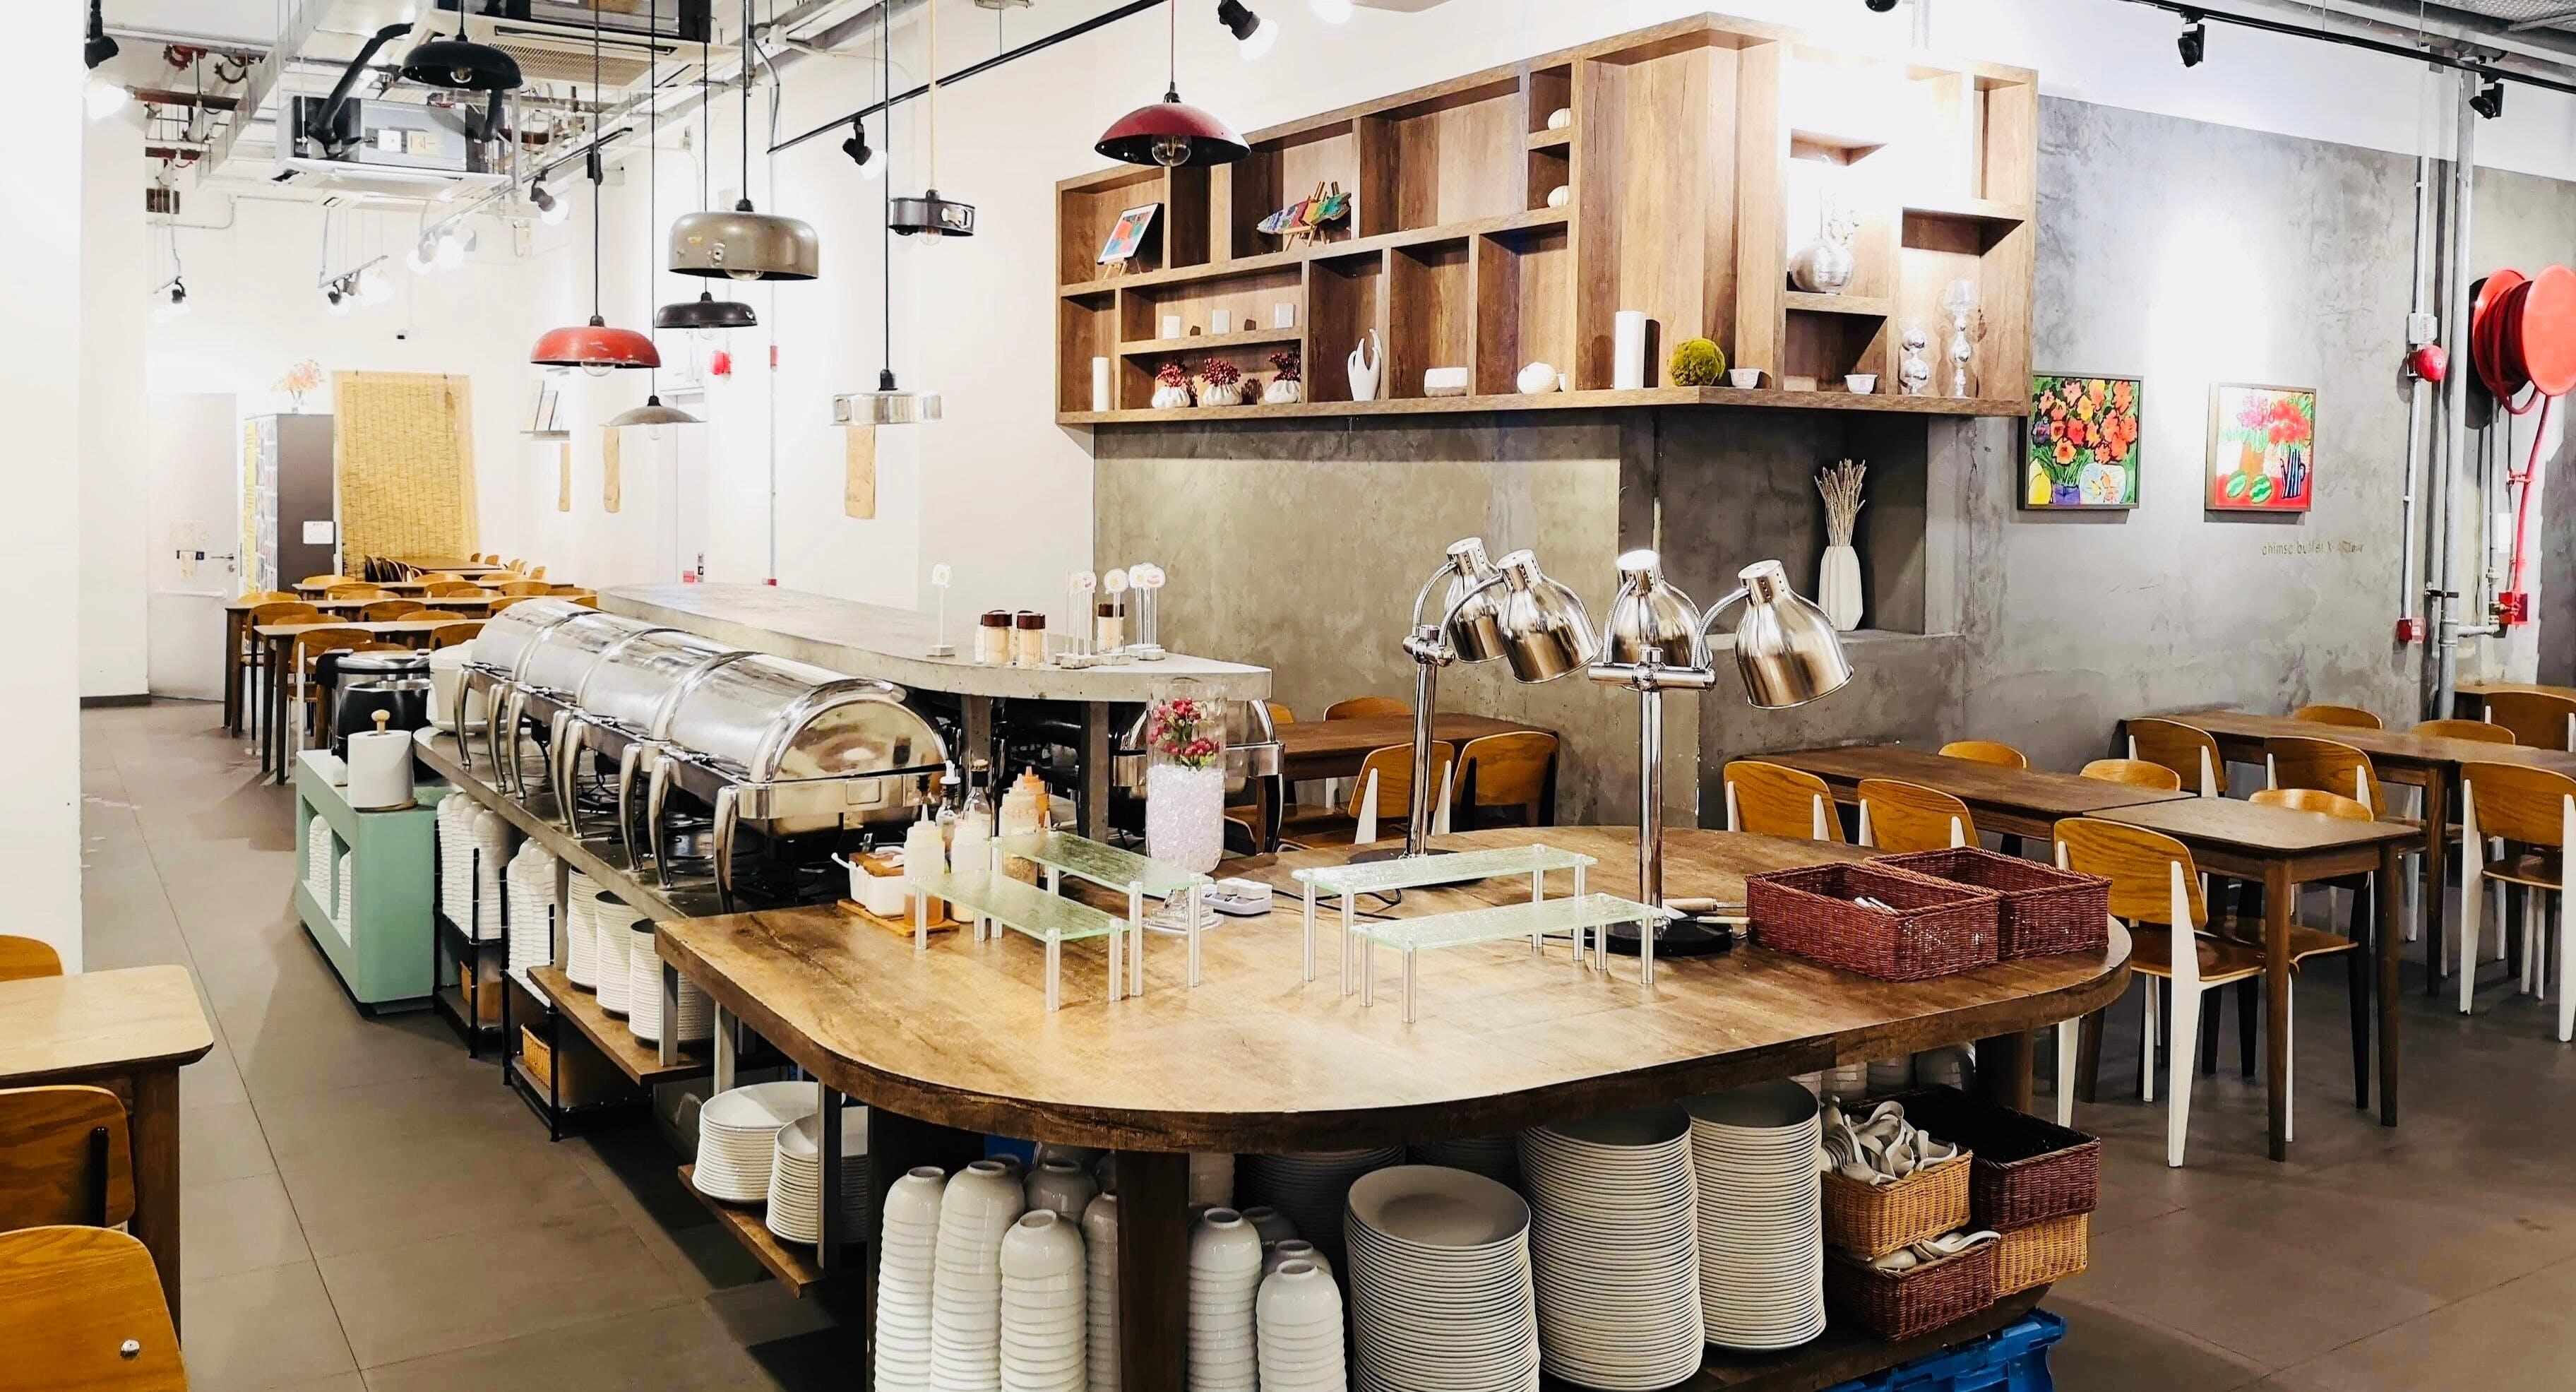 Ahimsa Buffet - Mong Kok Hong Kong image 1